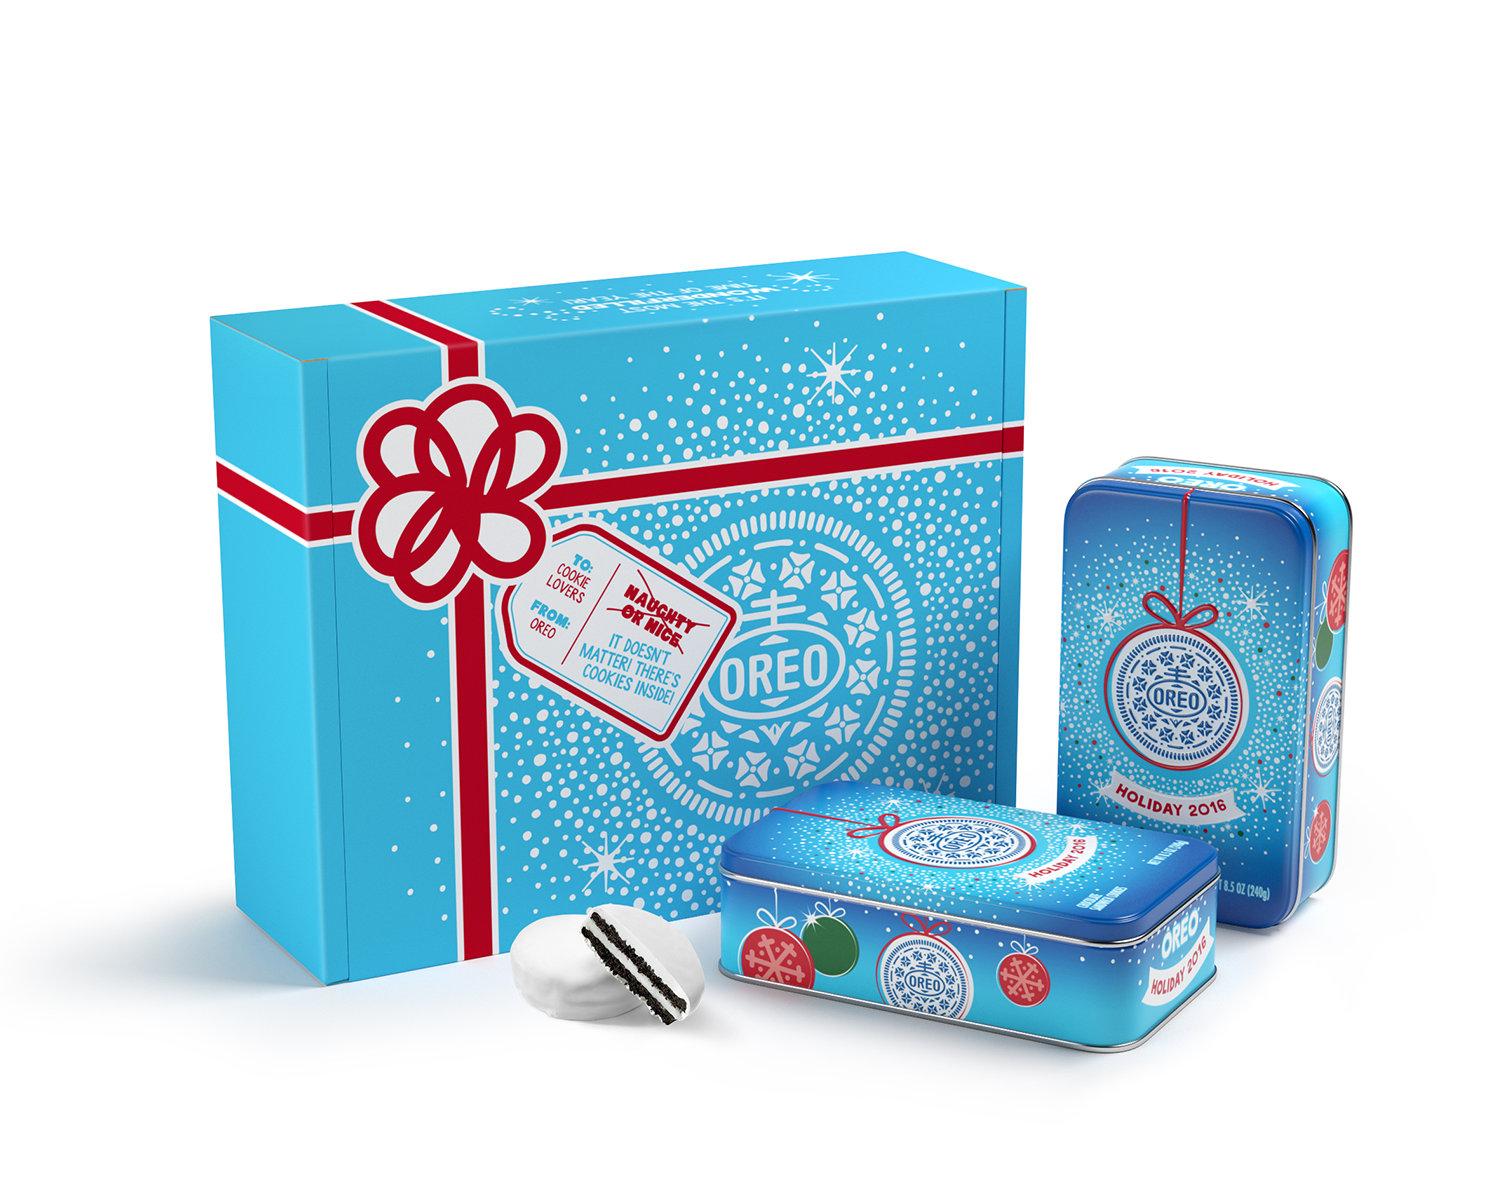 Arriva l'elegante Oreo gift box limited edition per Natale 2016